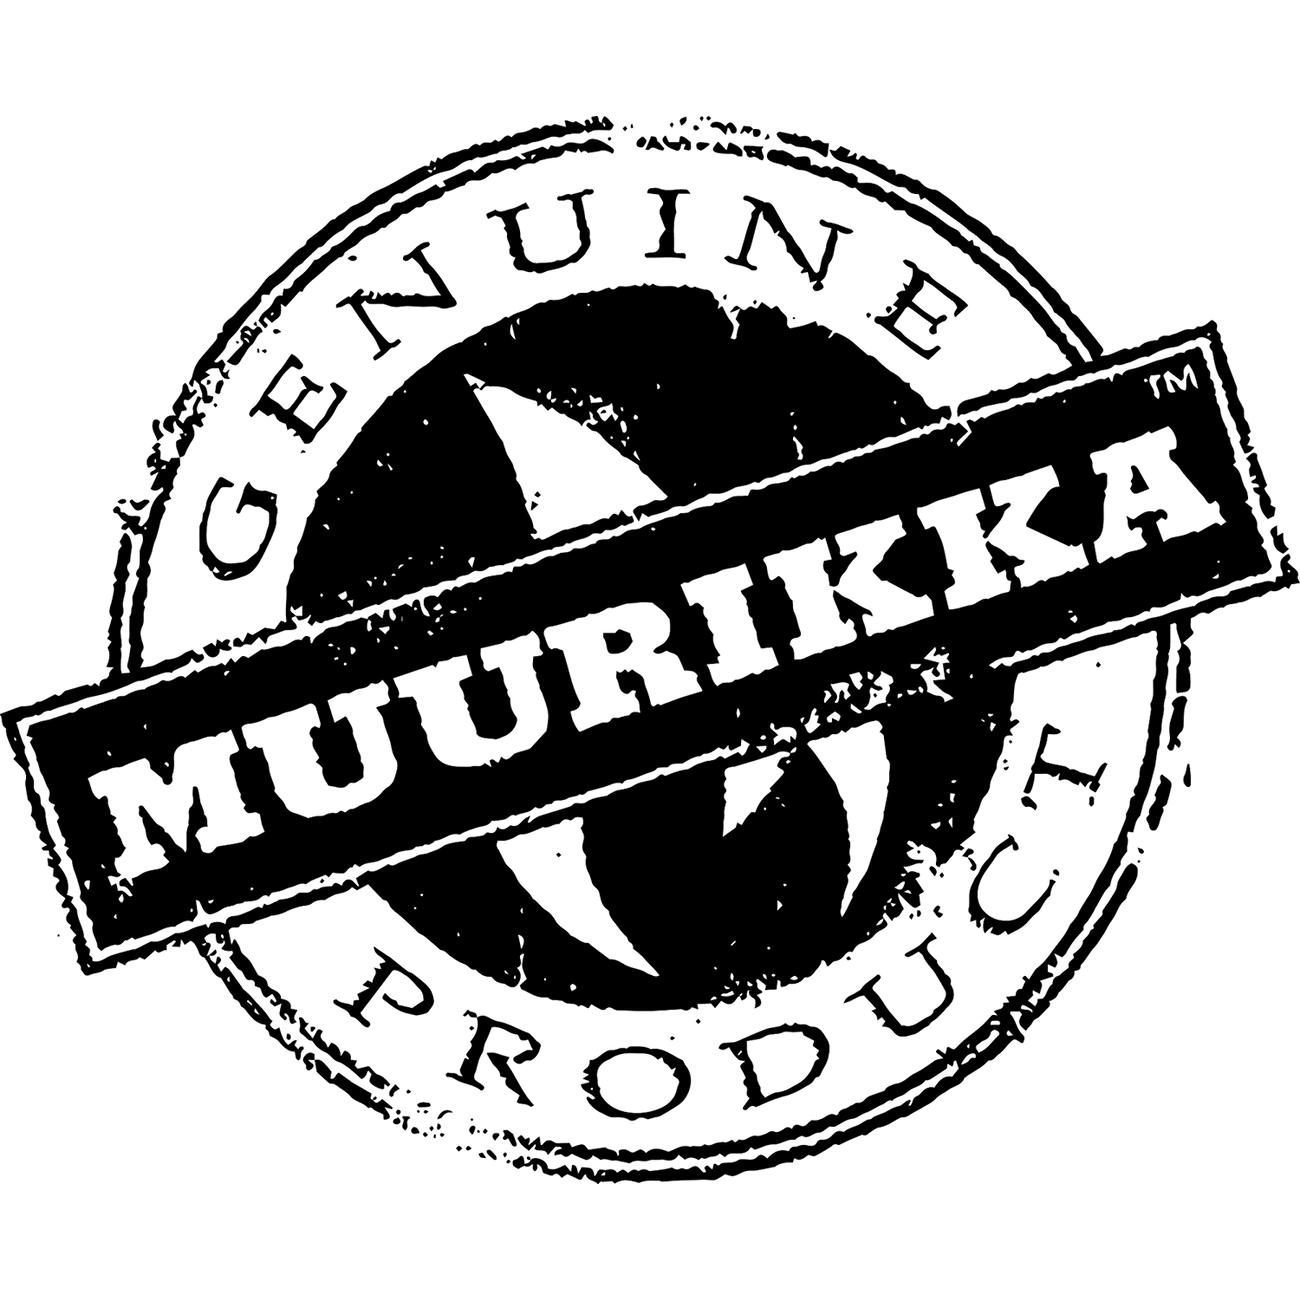 Opa Muurikka